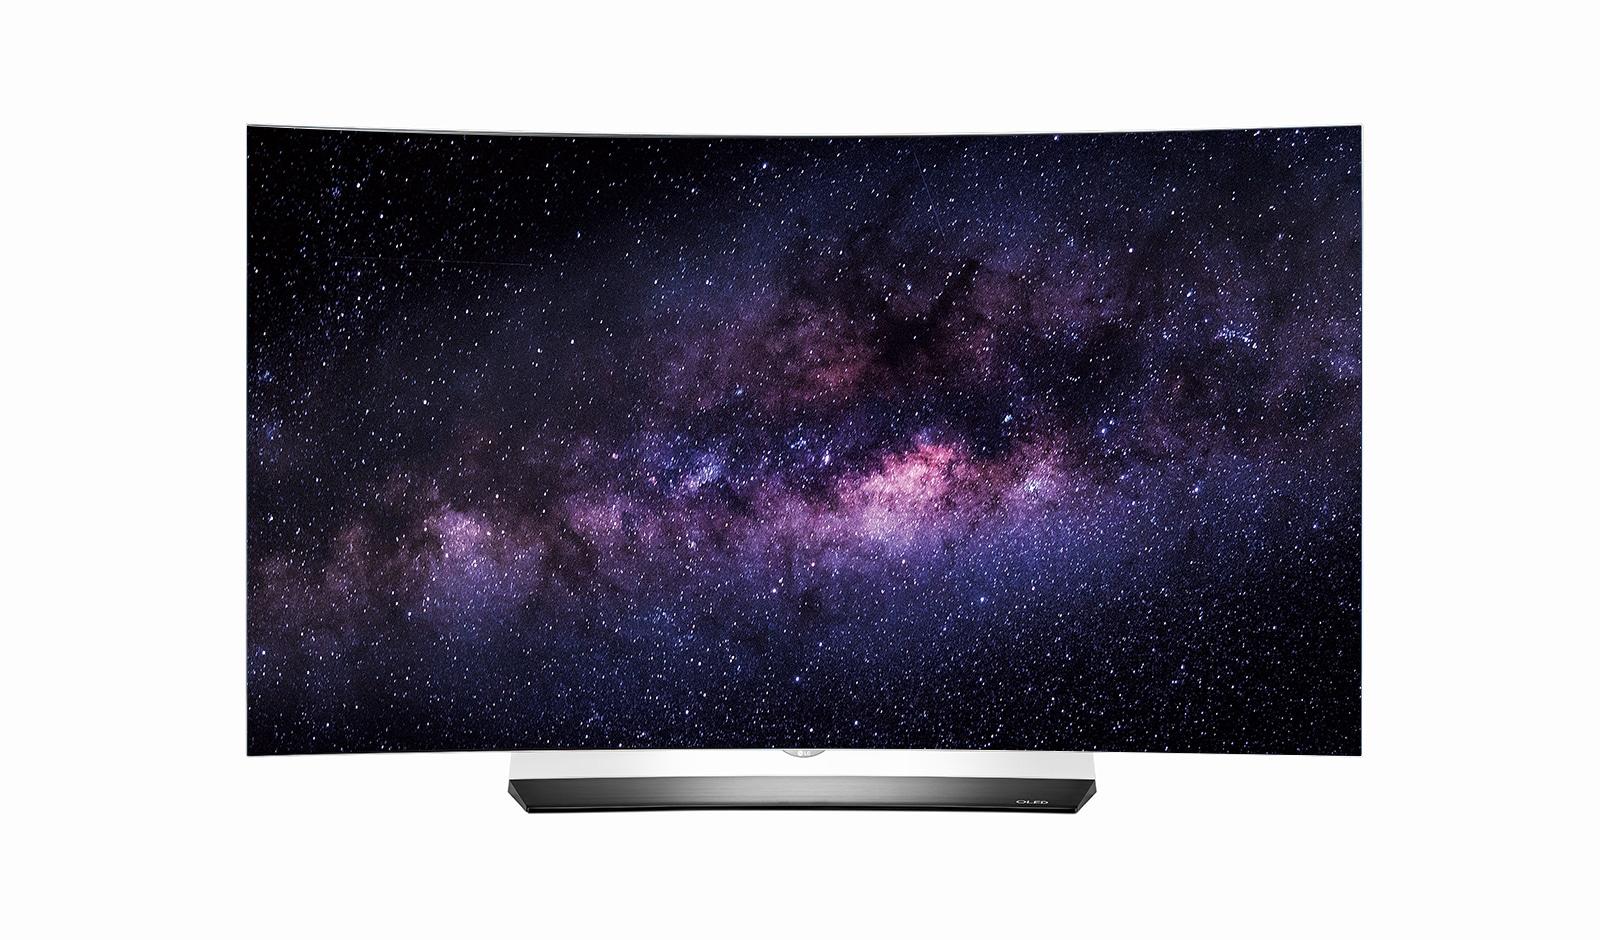 画质旗舰 巅峰对决!2018 SONY 索尼 65A9F、65Z9F,LG 65E8P 电视对比测评